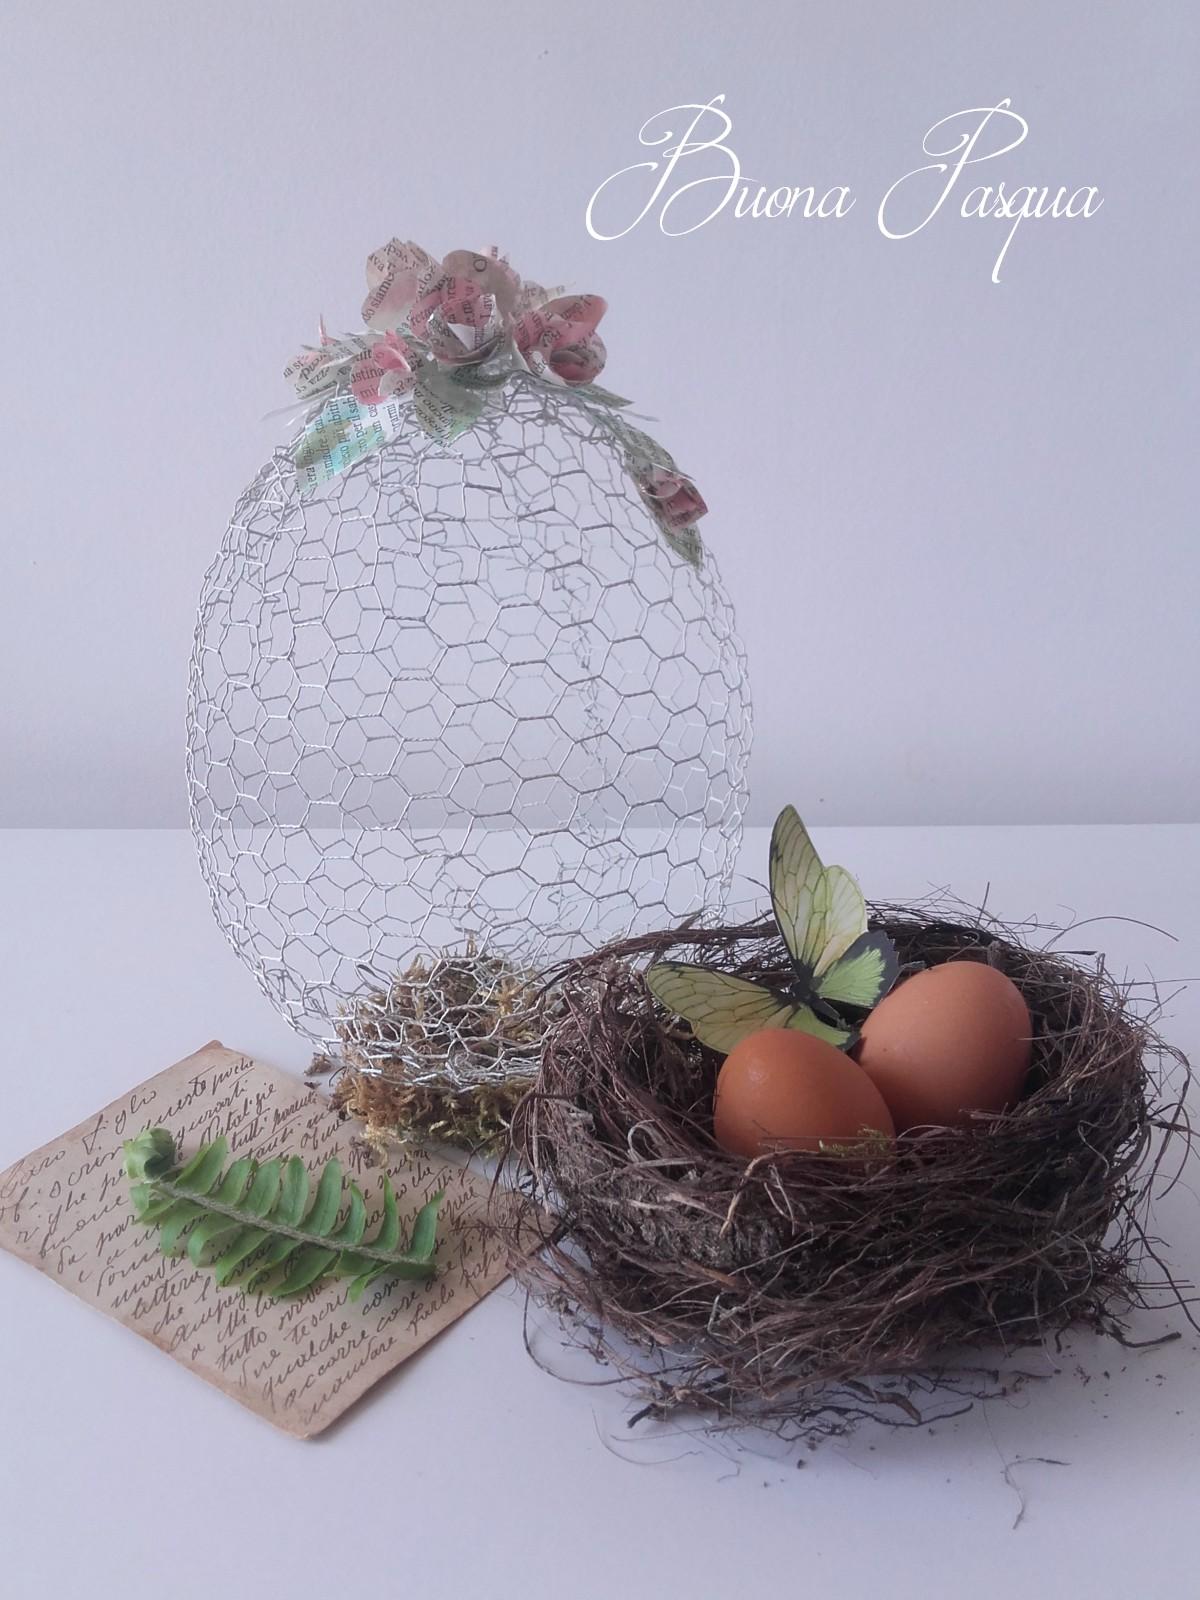 Uovo in rete per polli